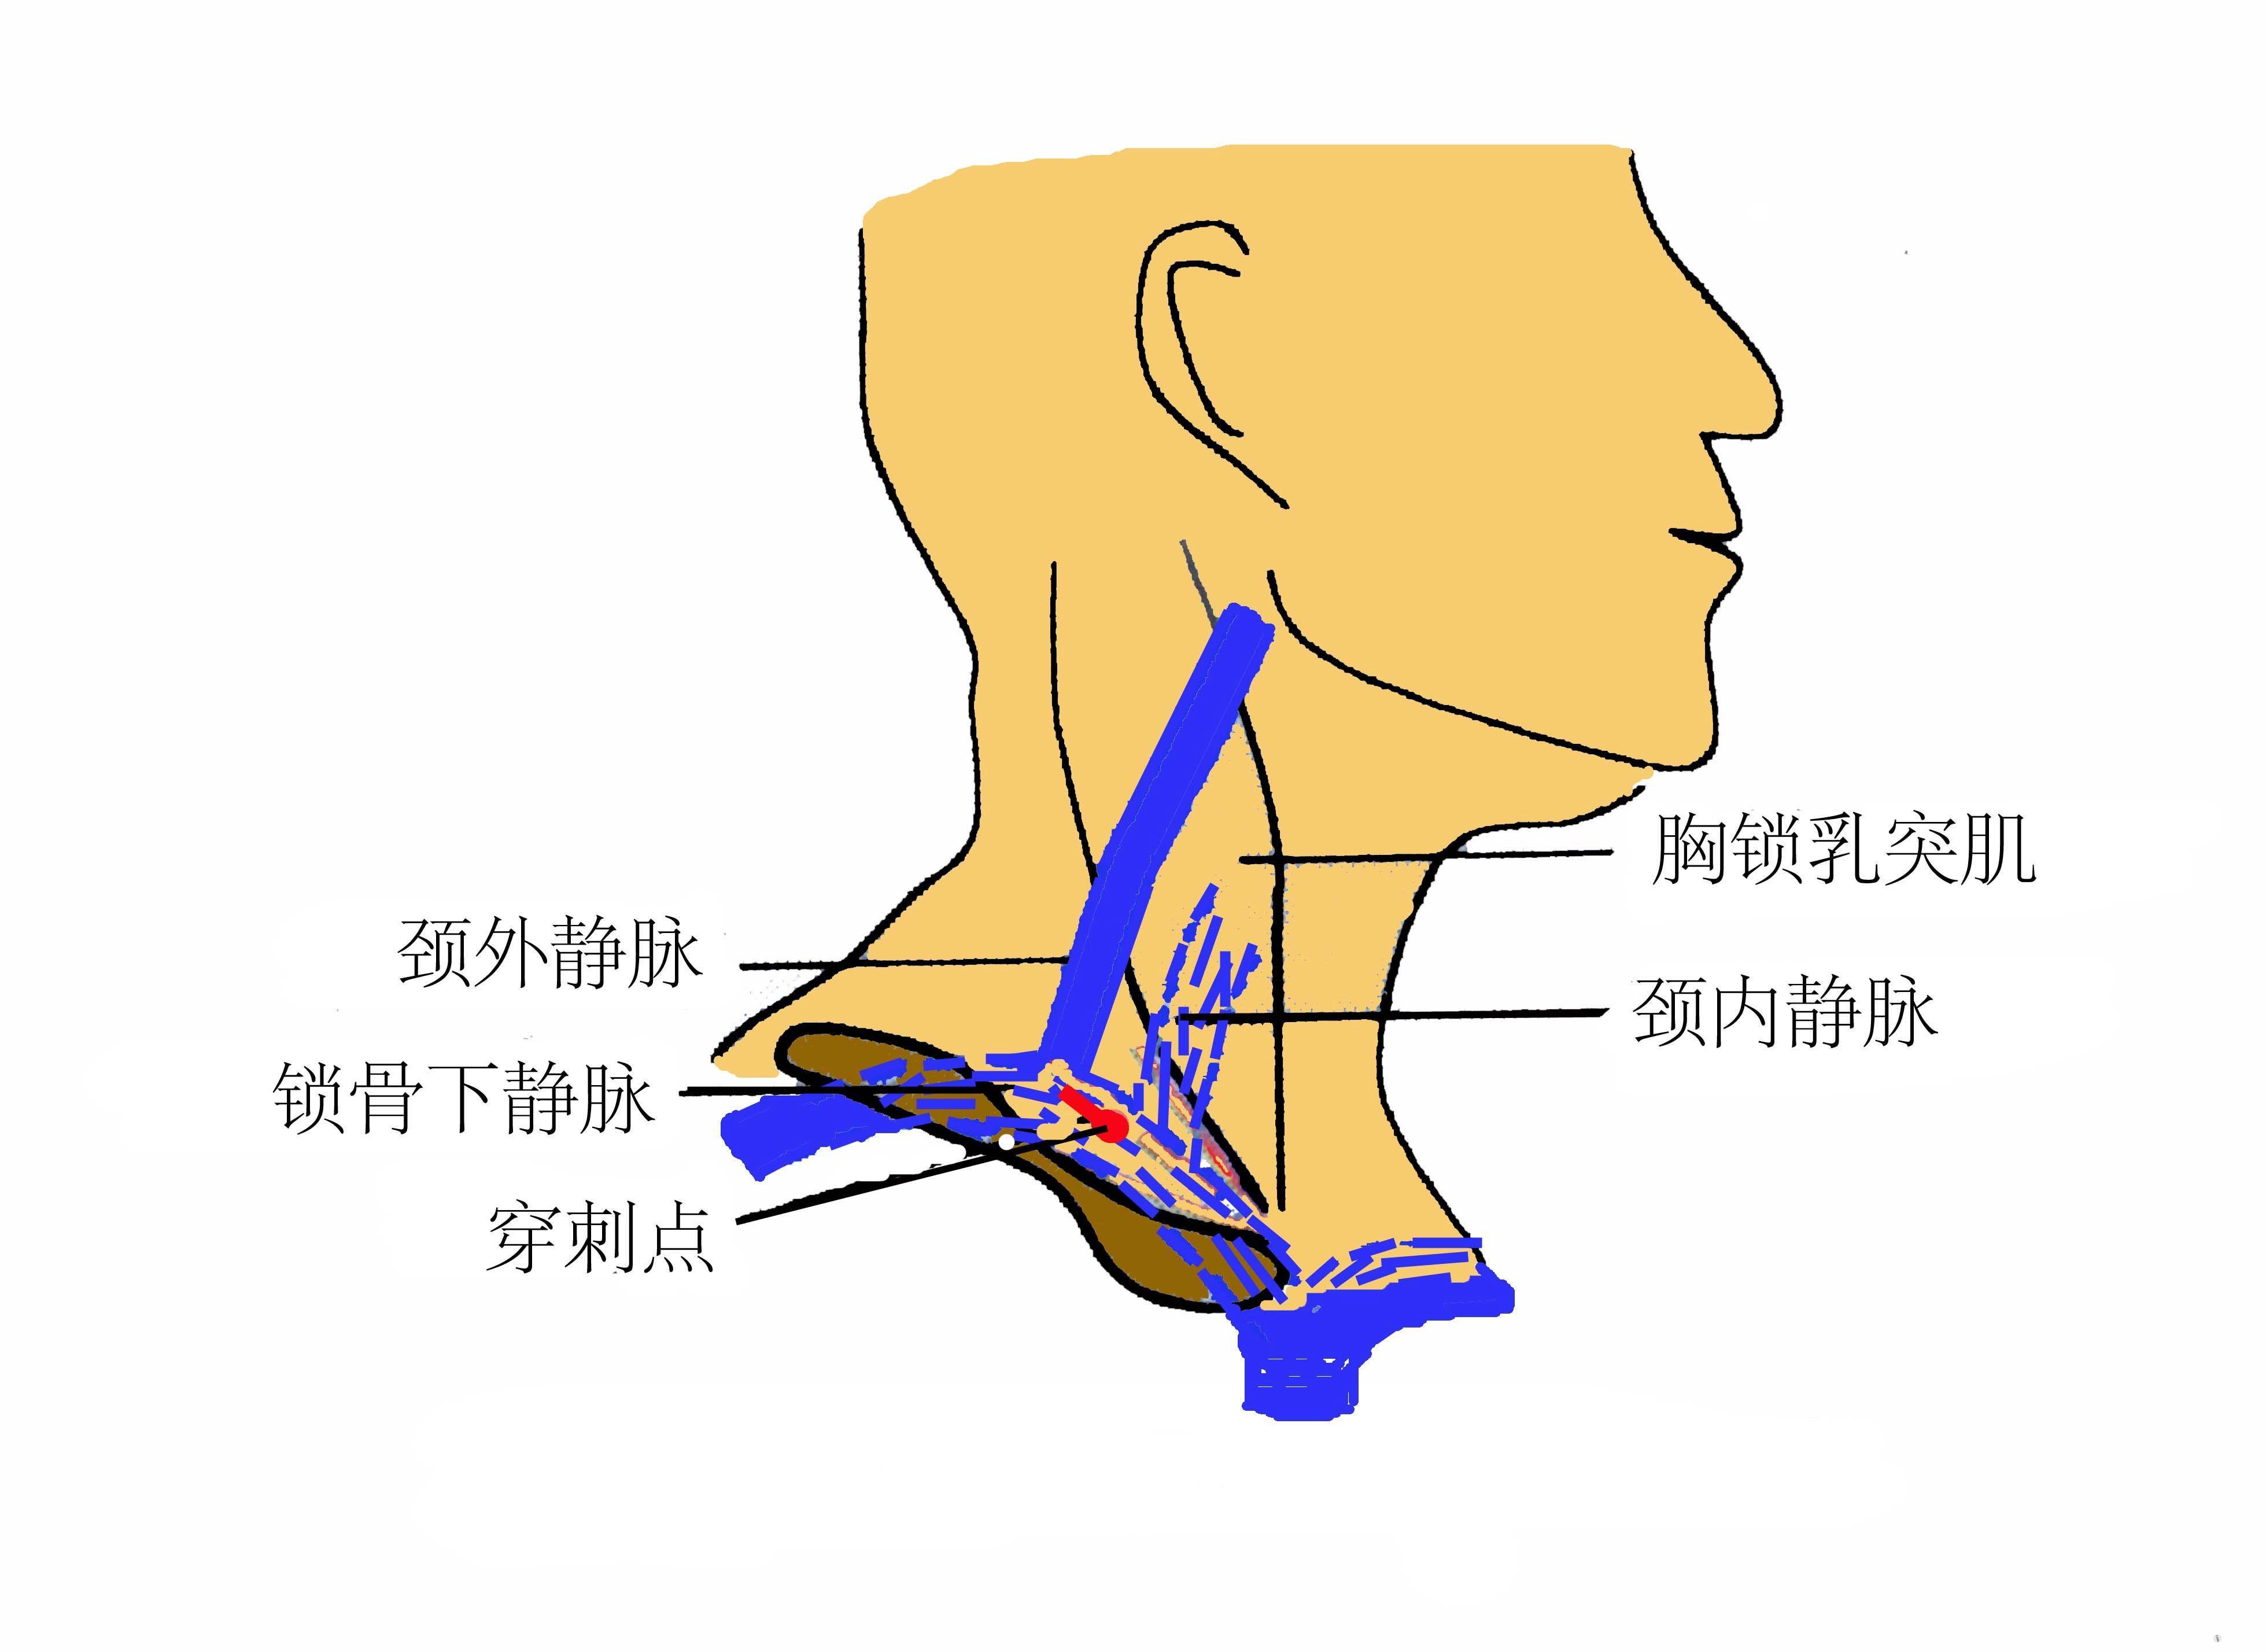 锁骨下静脉穿刺图